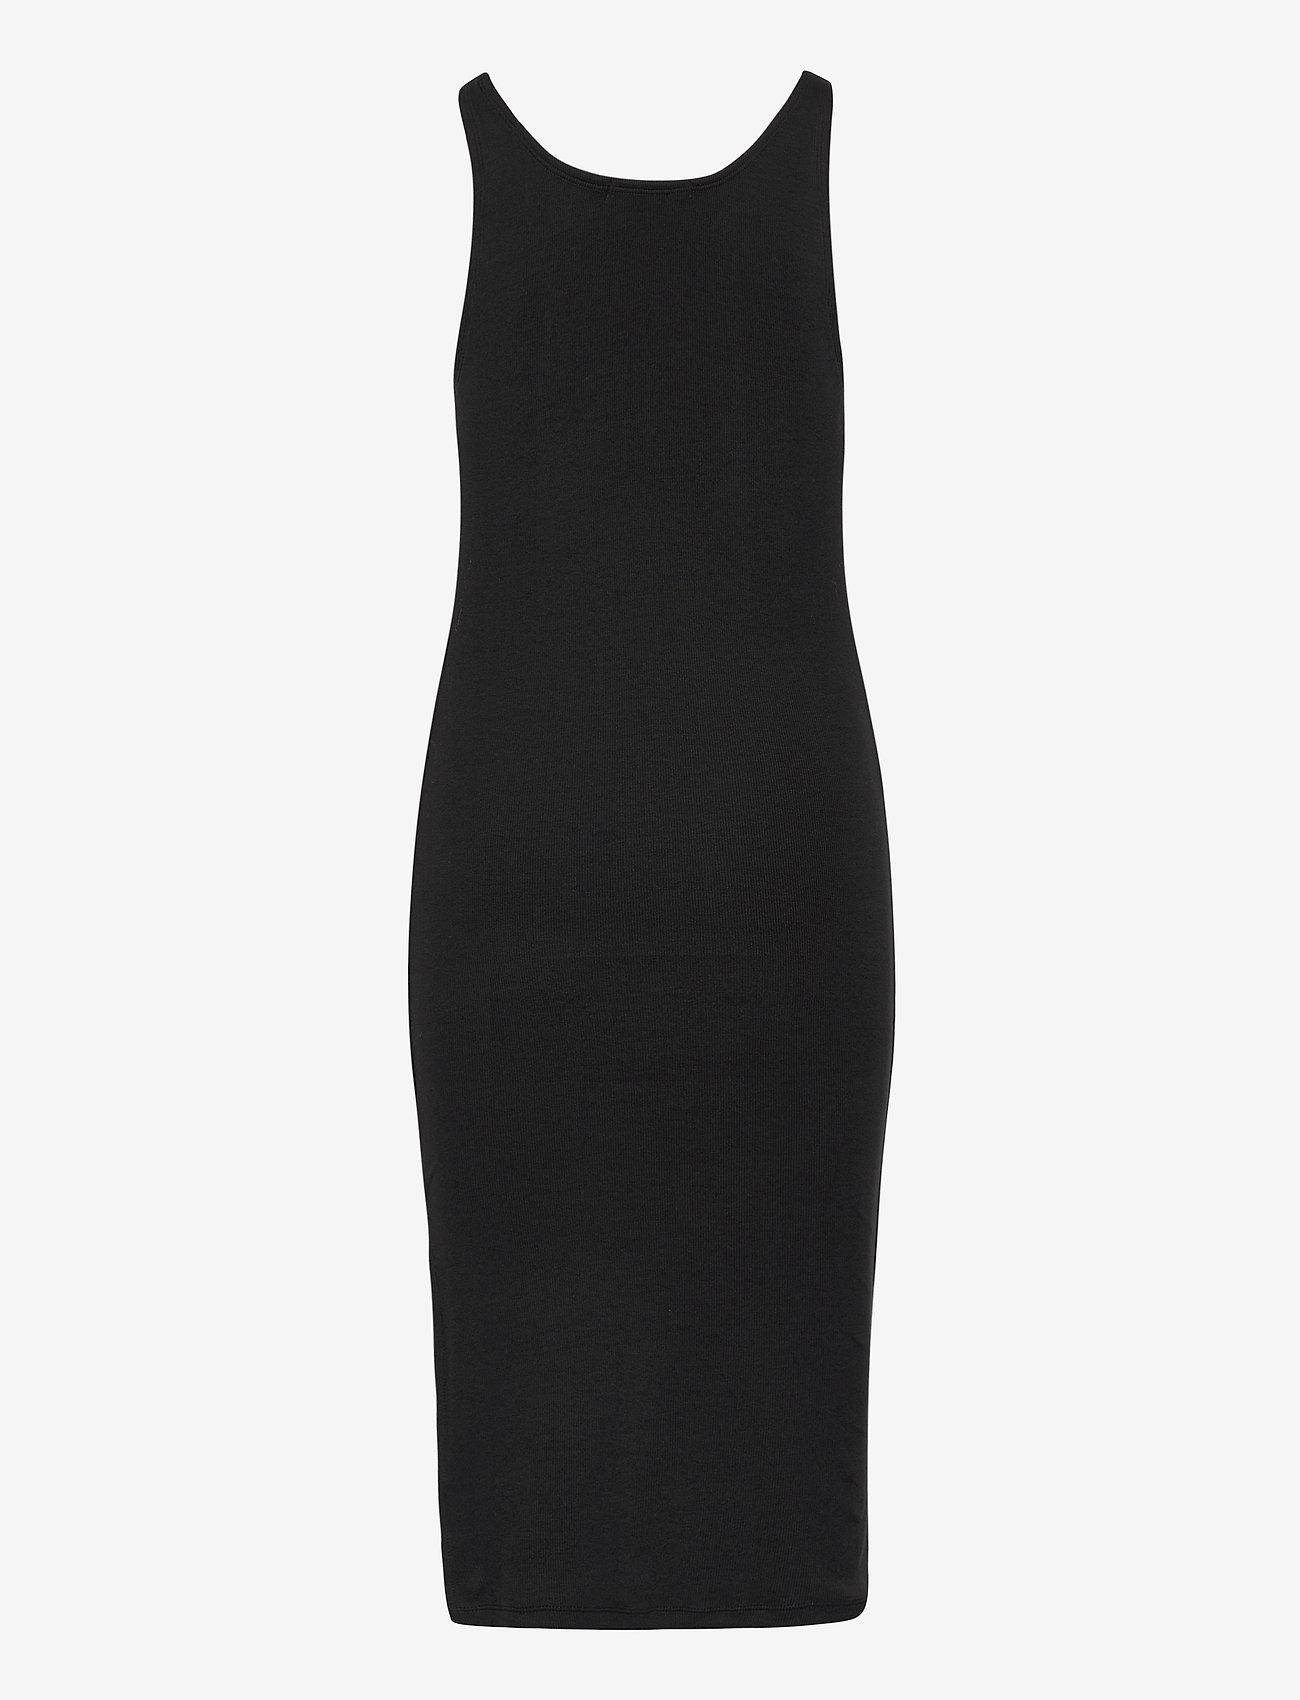 Calvin Klein Jeans - MICRO BRANDING STRAPPY RIB DRESS - sommerkjoler - ck black - 1